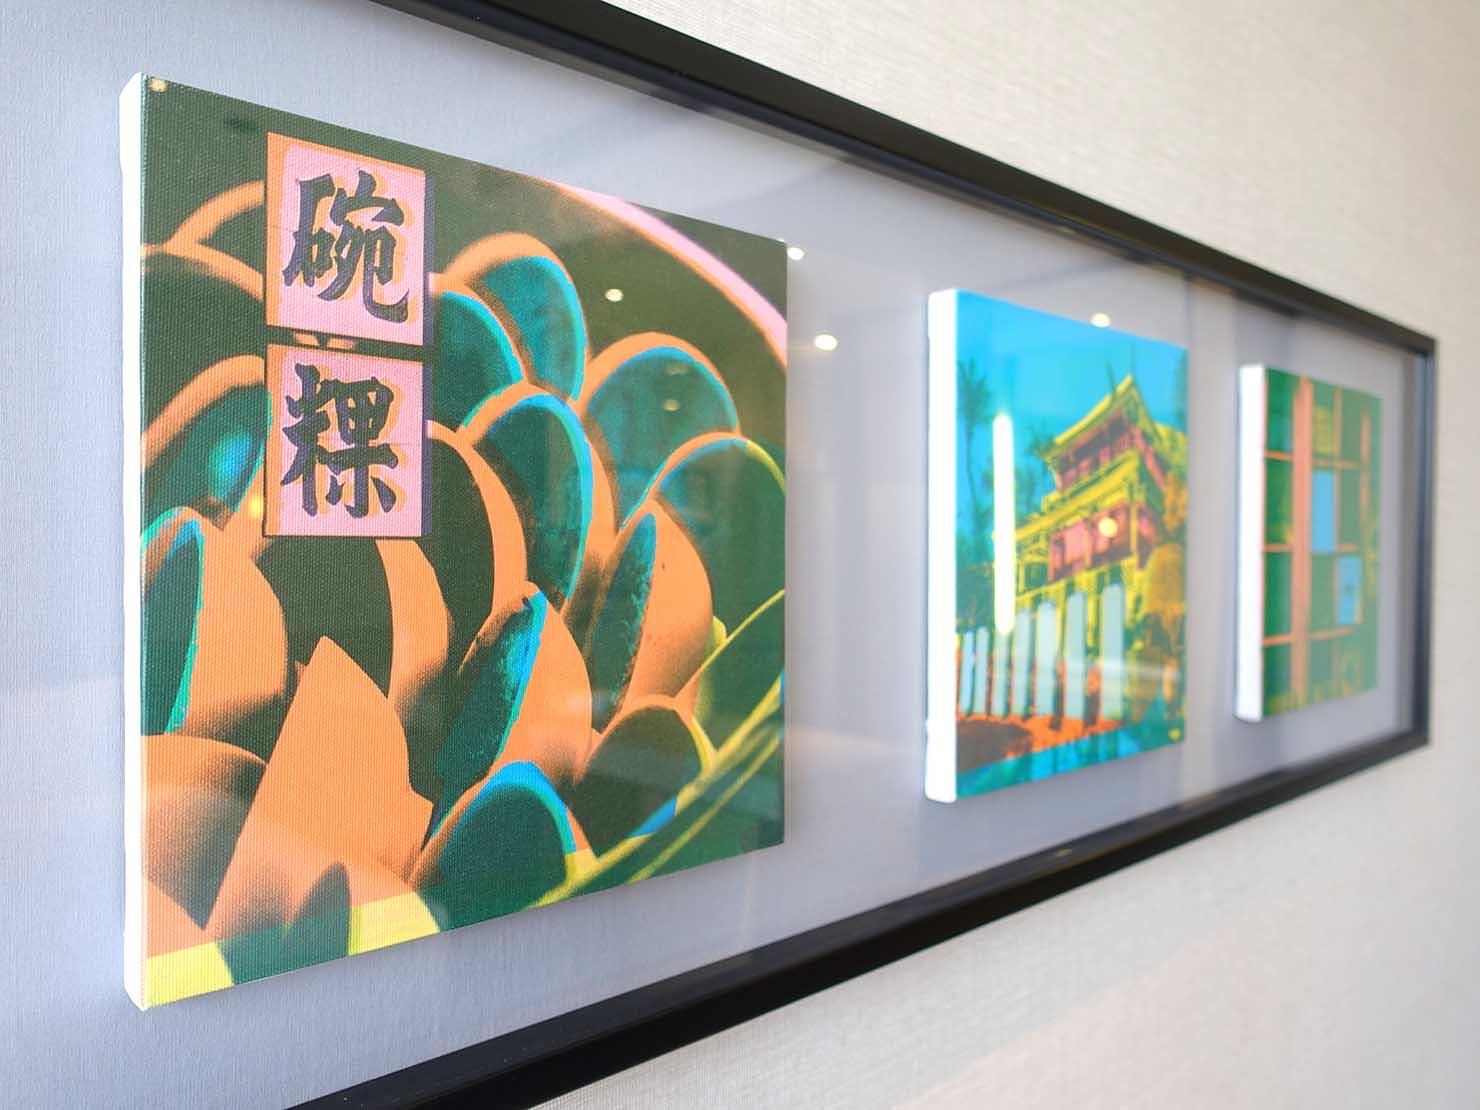 台南市内観光におすすめのホテル「長悅旅棧」長悅經典客房(クラシカルルーム)に飾られたグラフィックアート